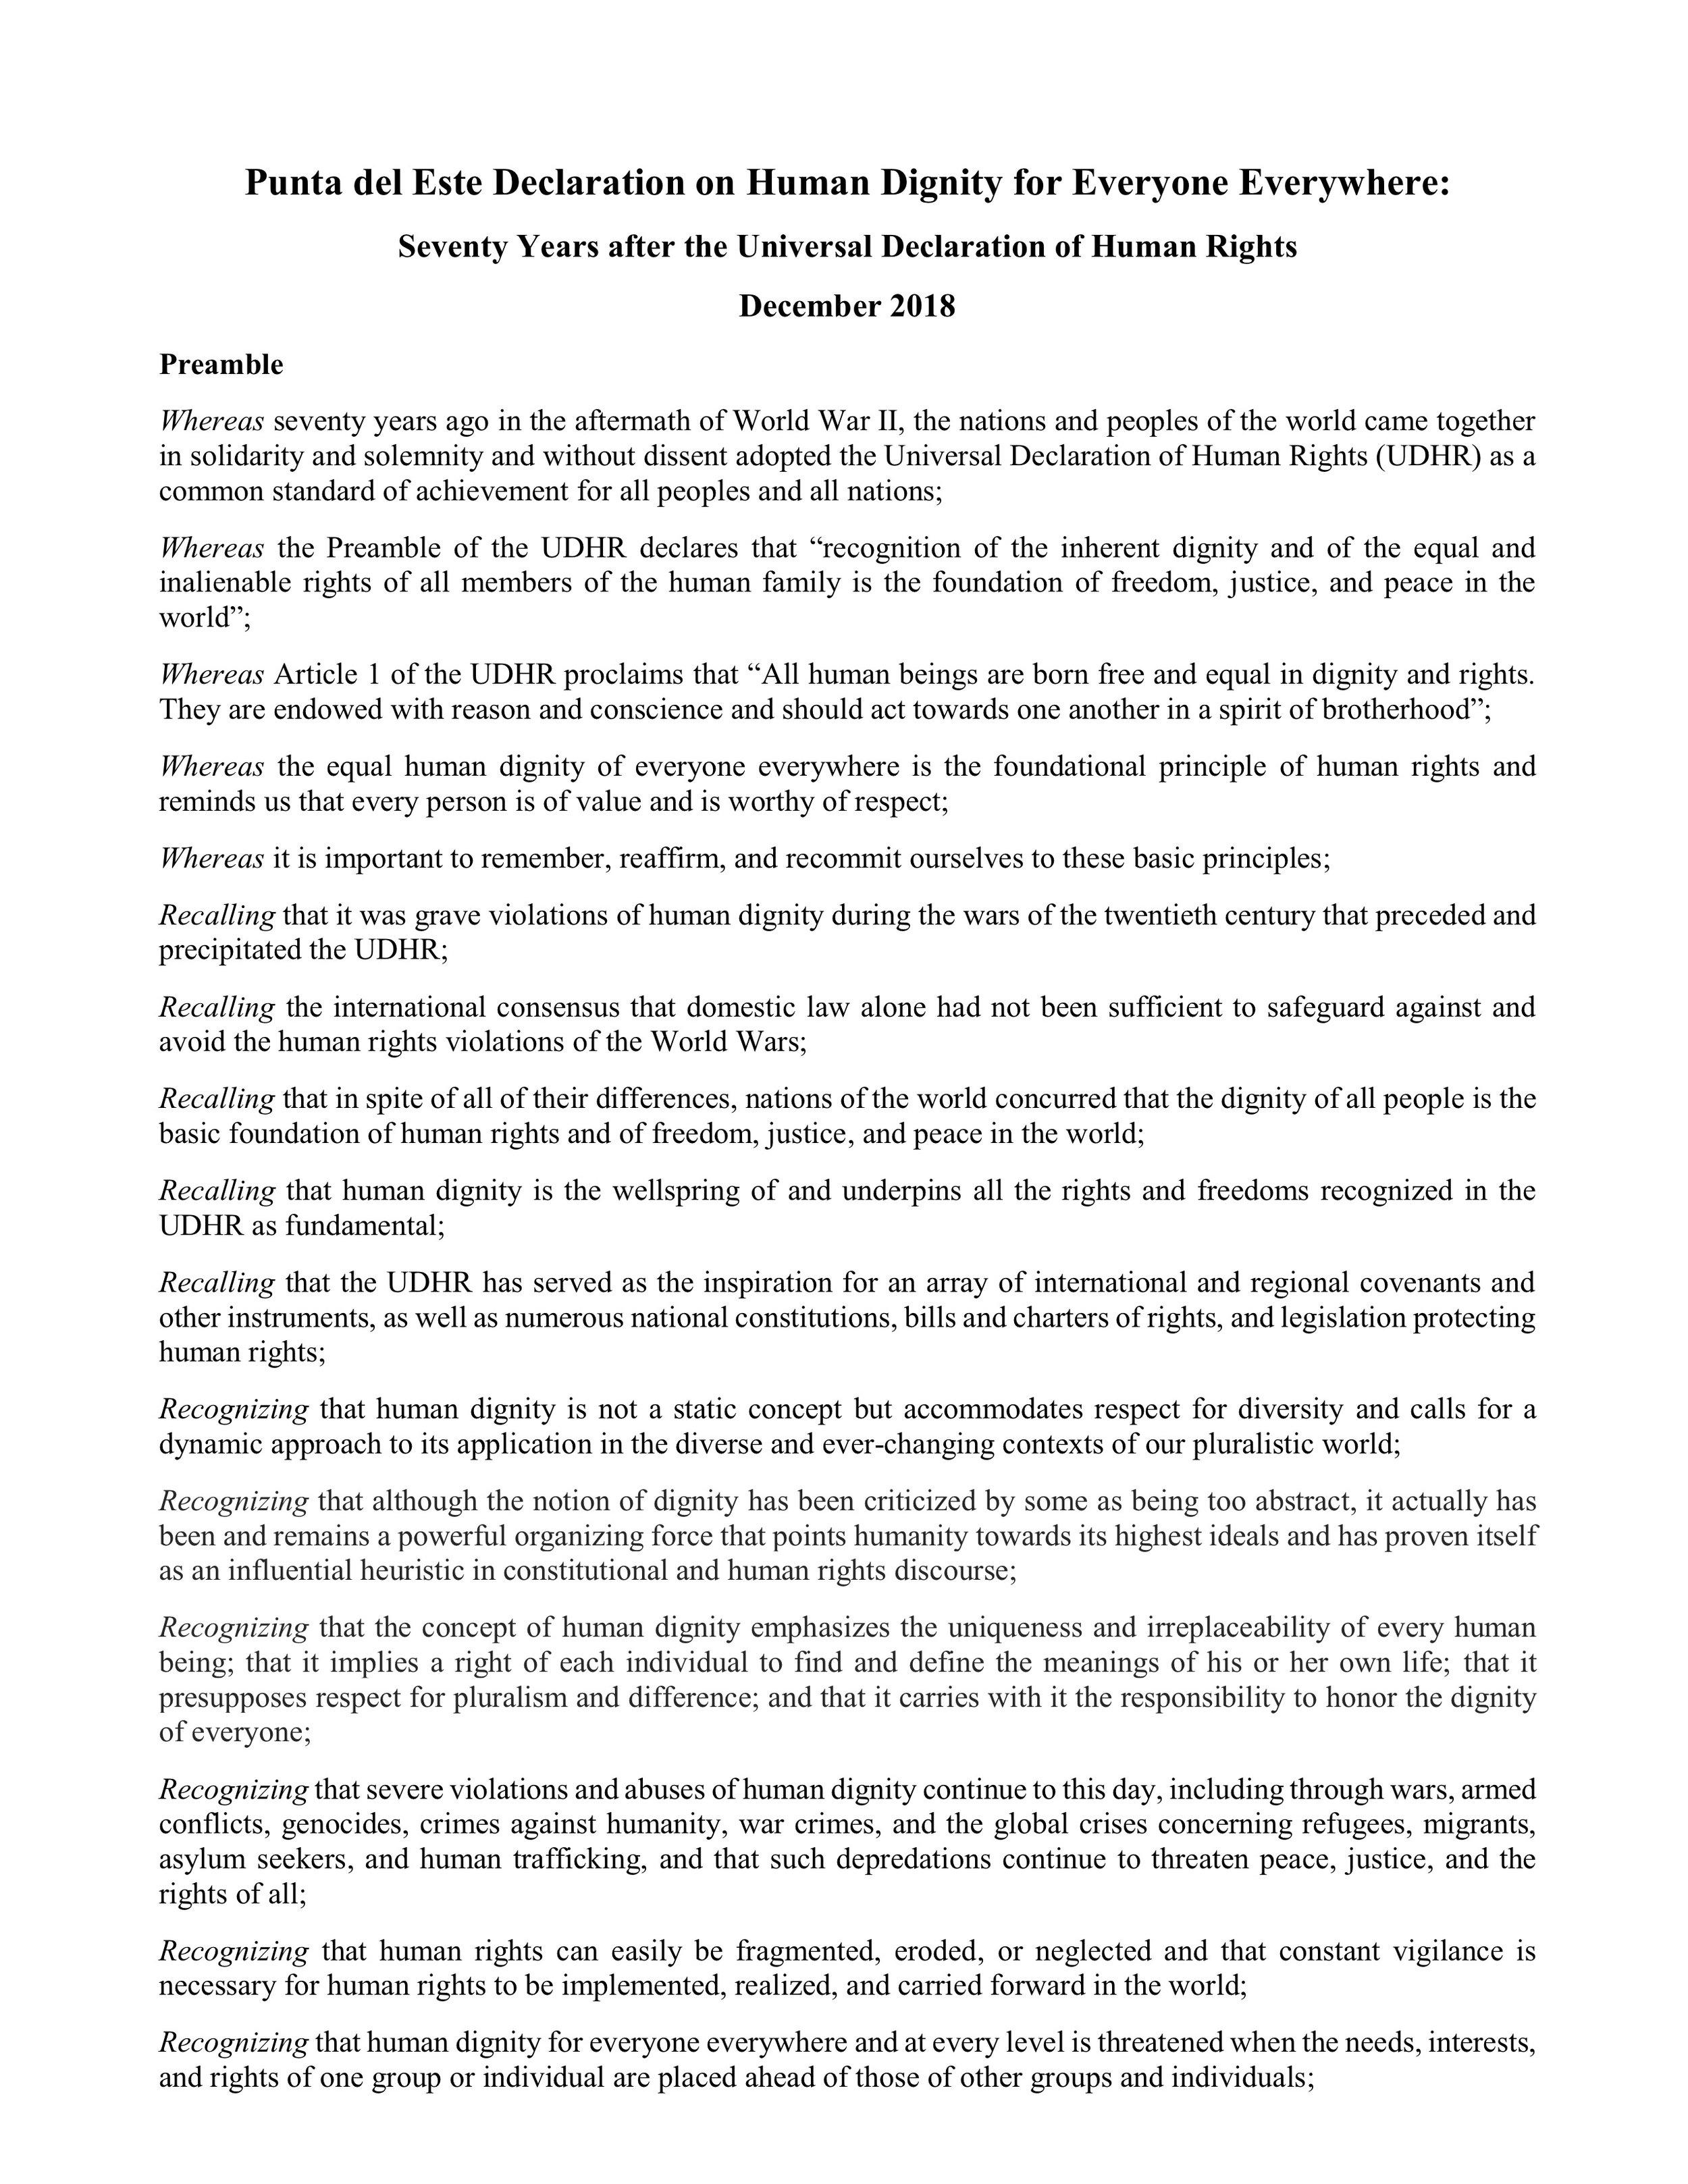 Punta-del-Este-Declaration - cover.jpg